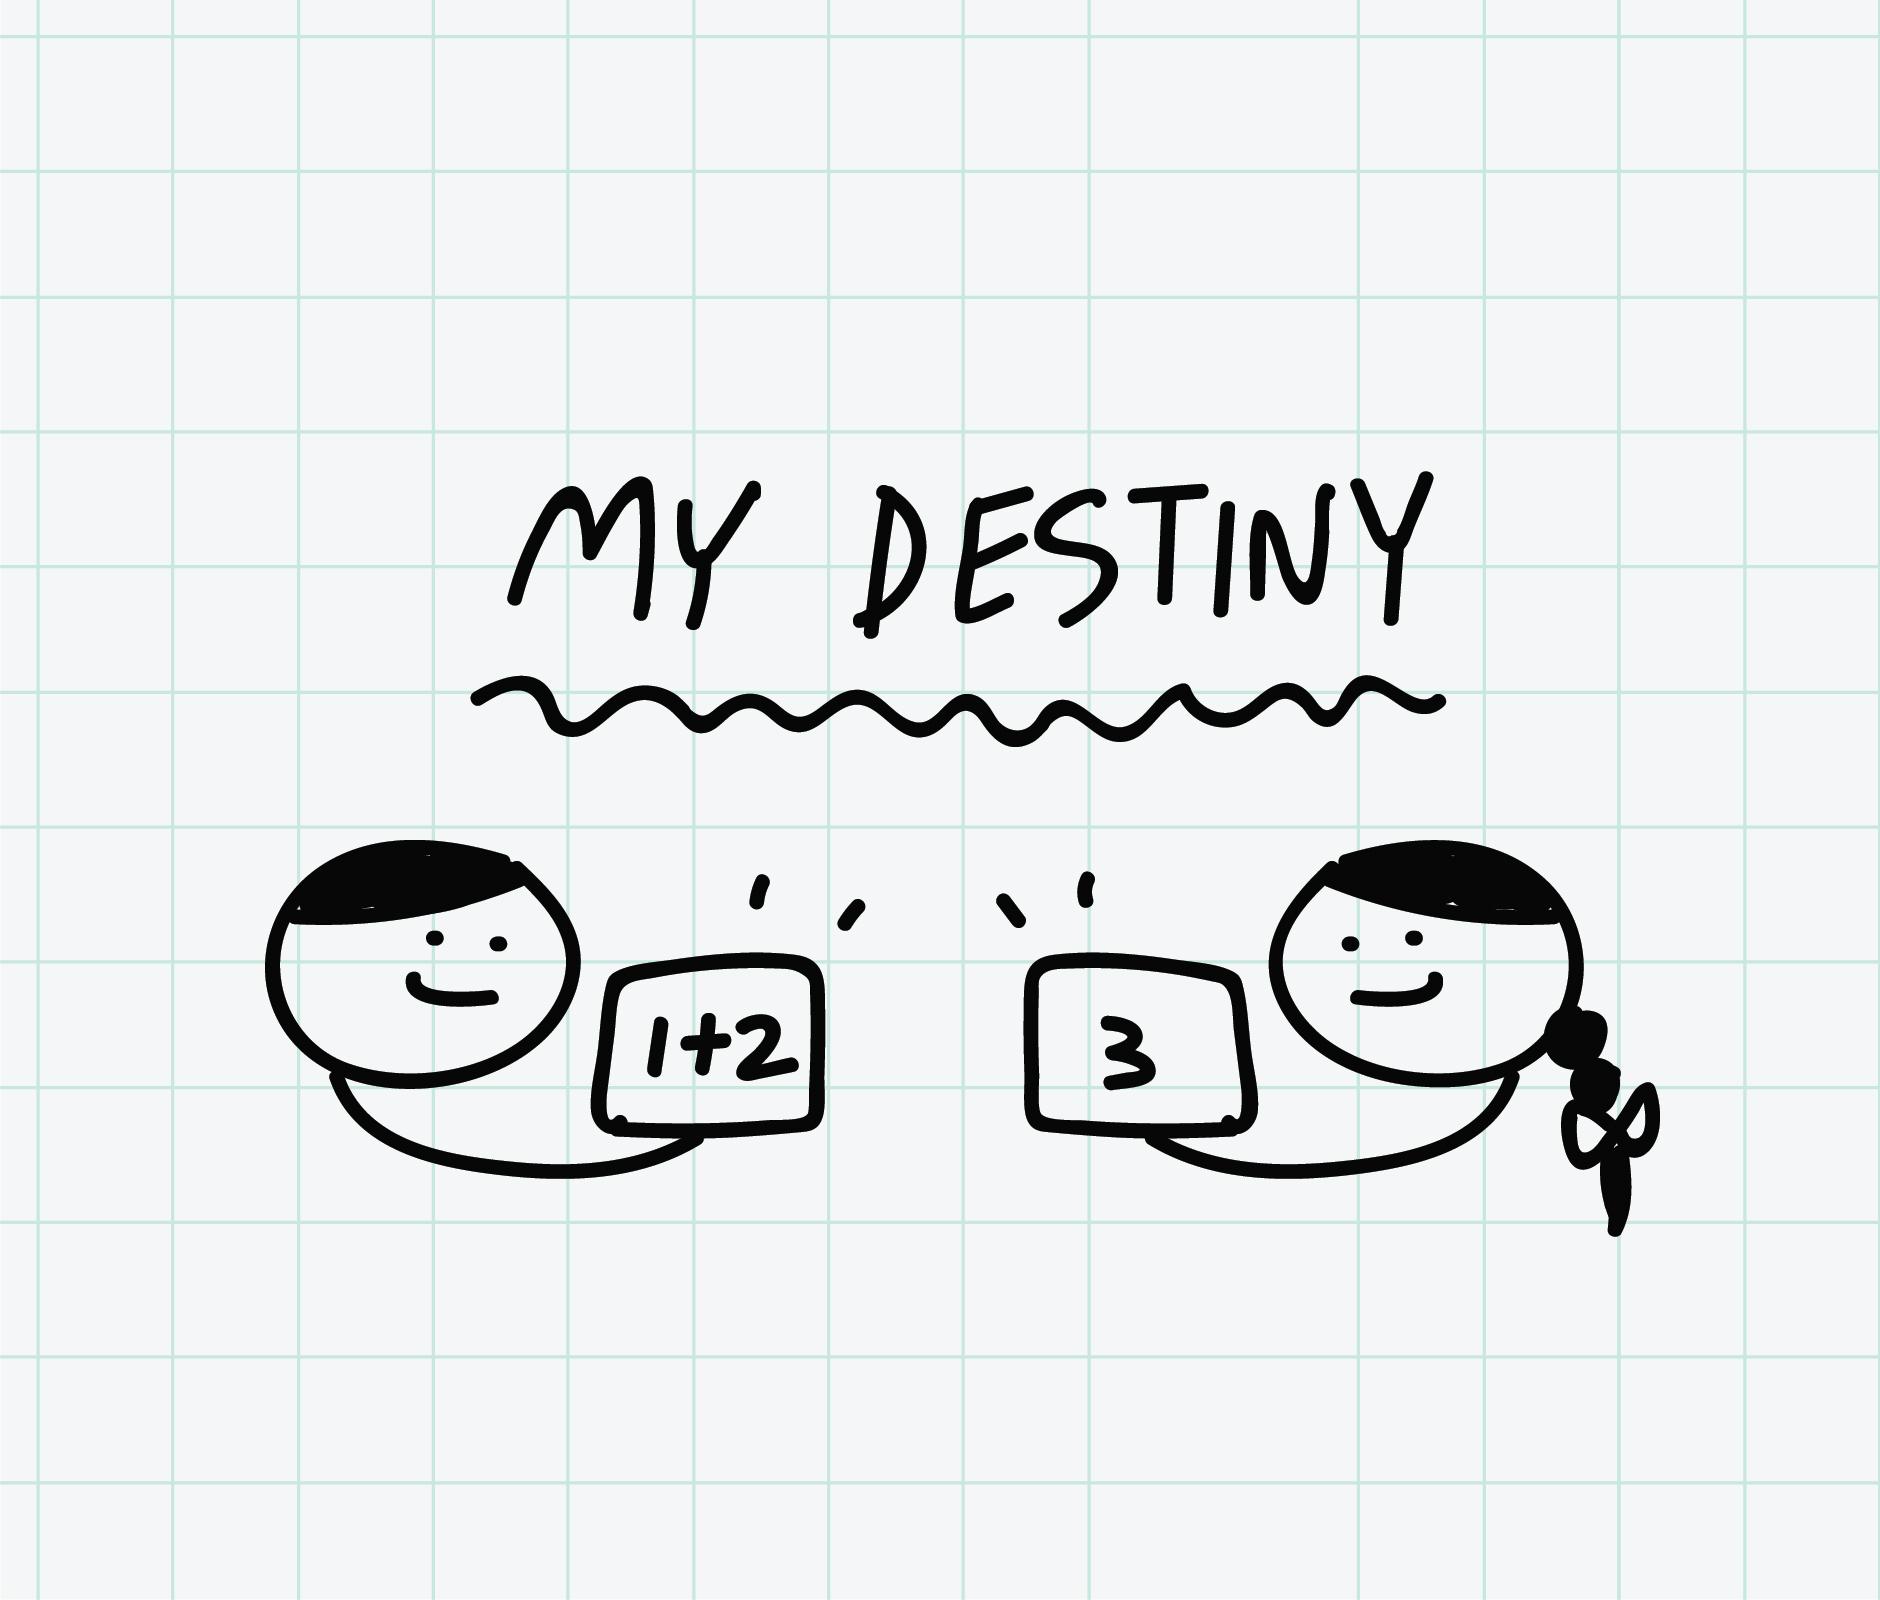 ภาพประกอบไอเดีย เกมส์ My destiny (ทบทวนบทเรียน)